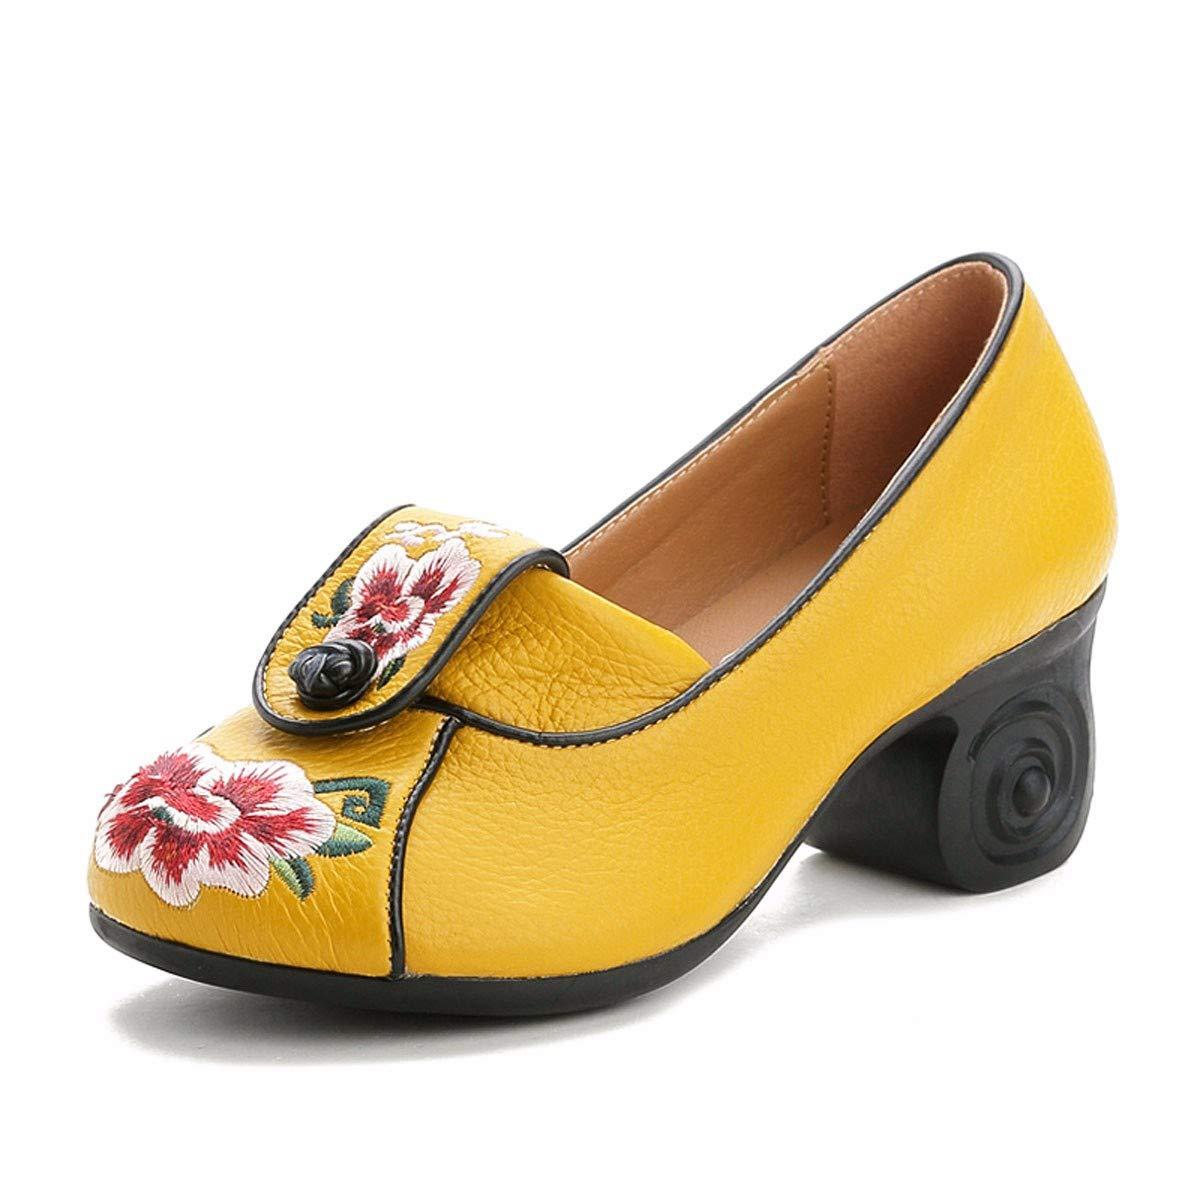 KPHY Stickereien Damenschuhe/Herbst Schuhe Stickereien KPHY Nationalen Stil Schuhe Dicke Schuhe Mittleren und Älteren Alleinstehenden Schuhe Im Frühjahr und Herbst Leder Flache Schuhe Mund Mutter 40 Schwarz  - e5ce8e